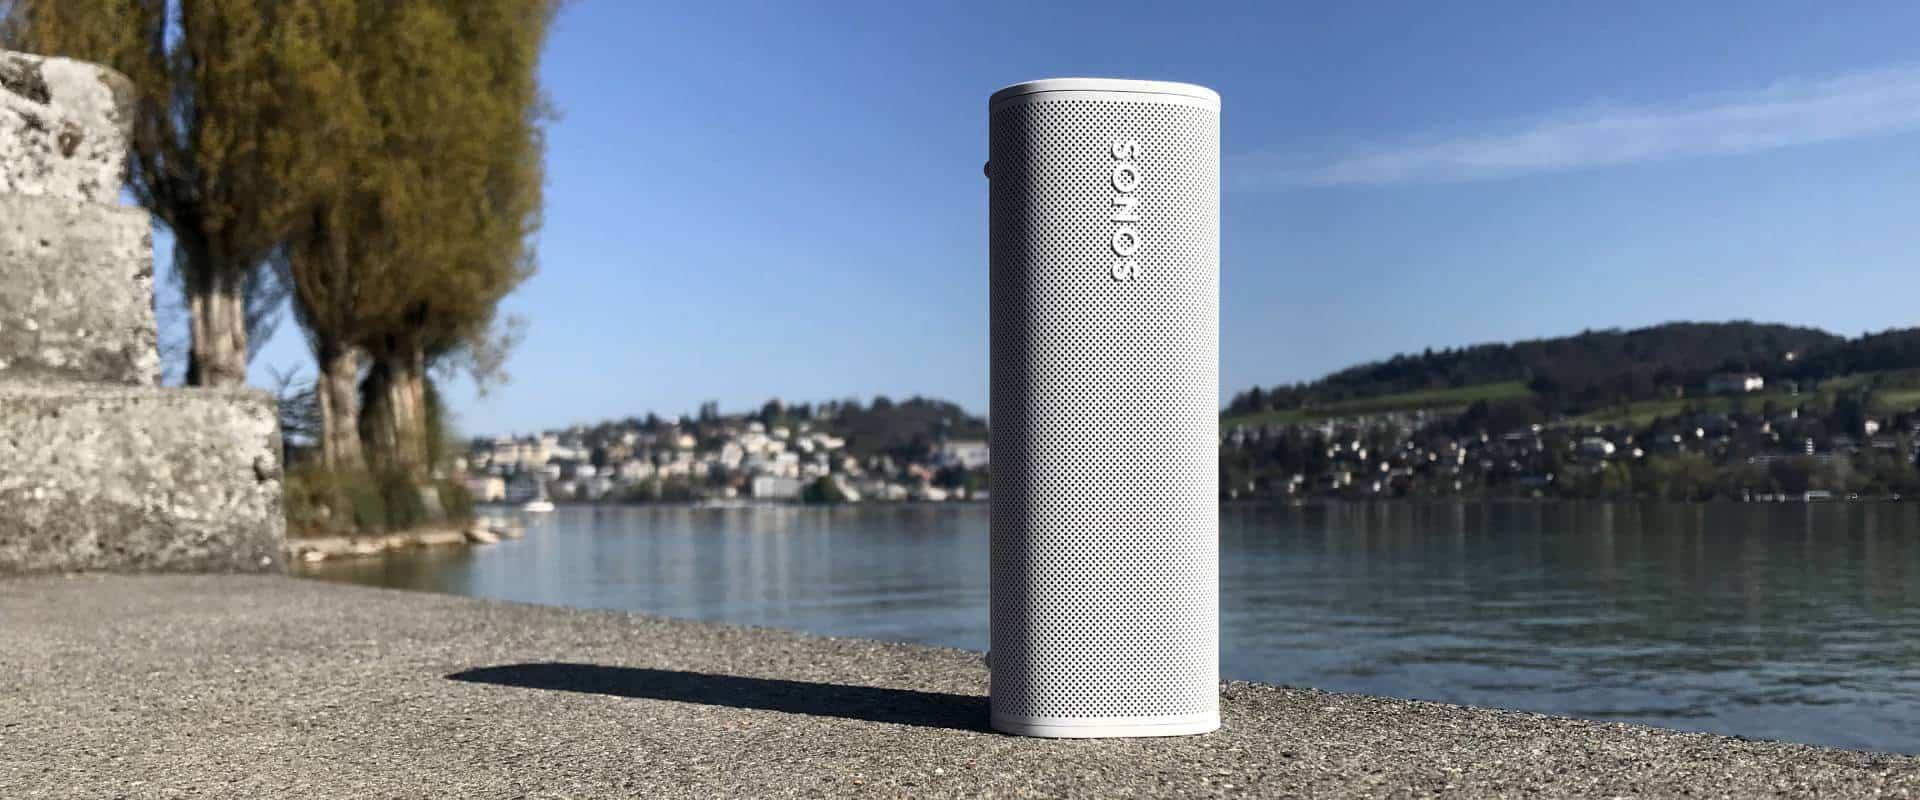 leichter Smart Speaker Sonos Roam am See